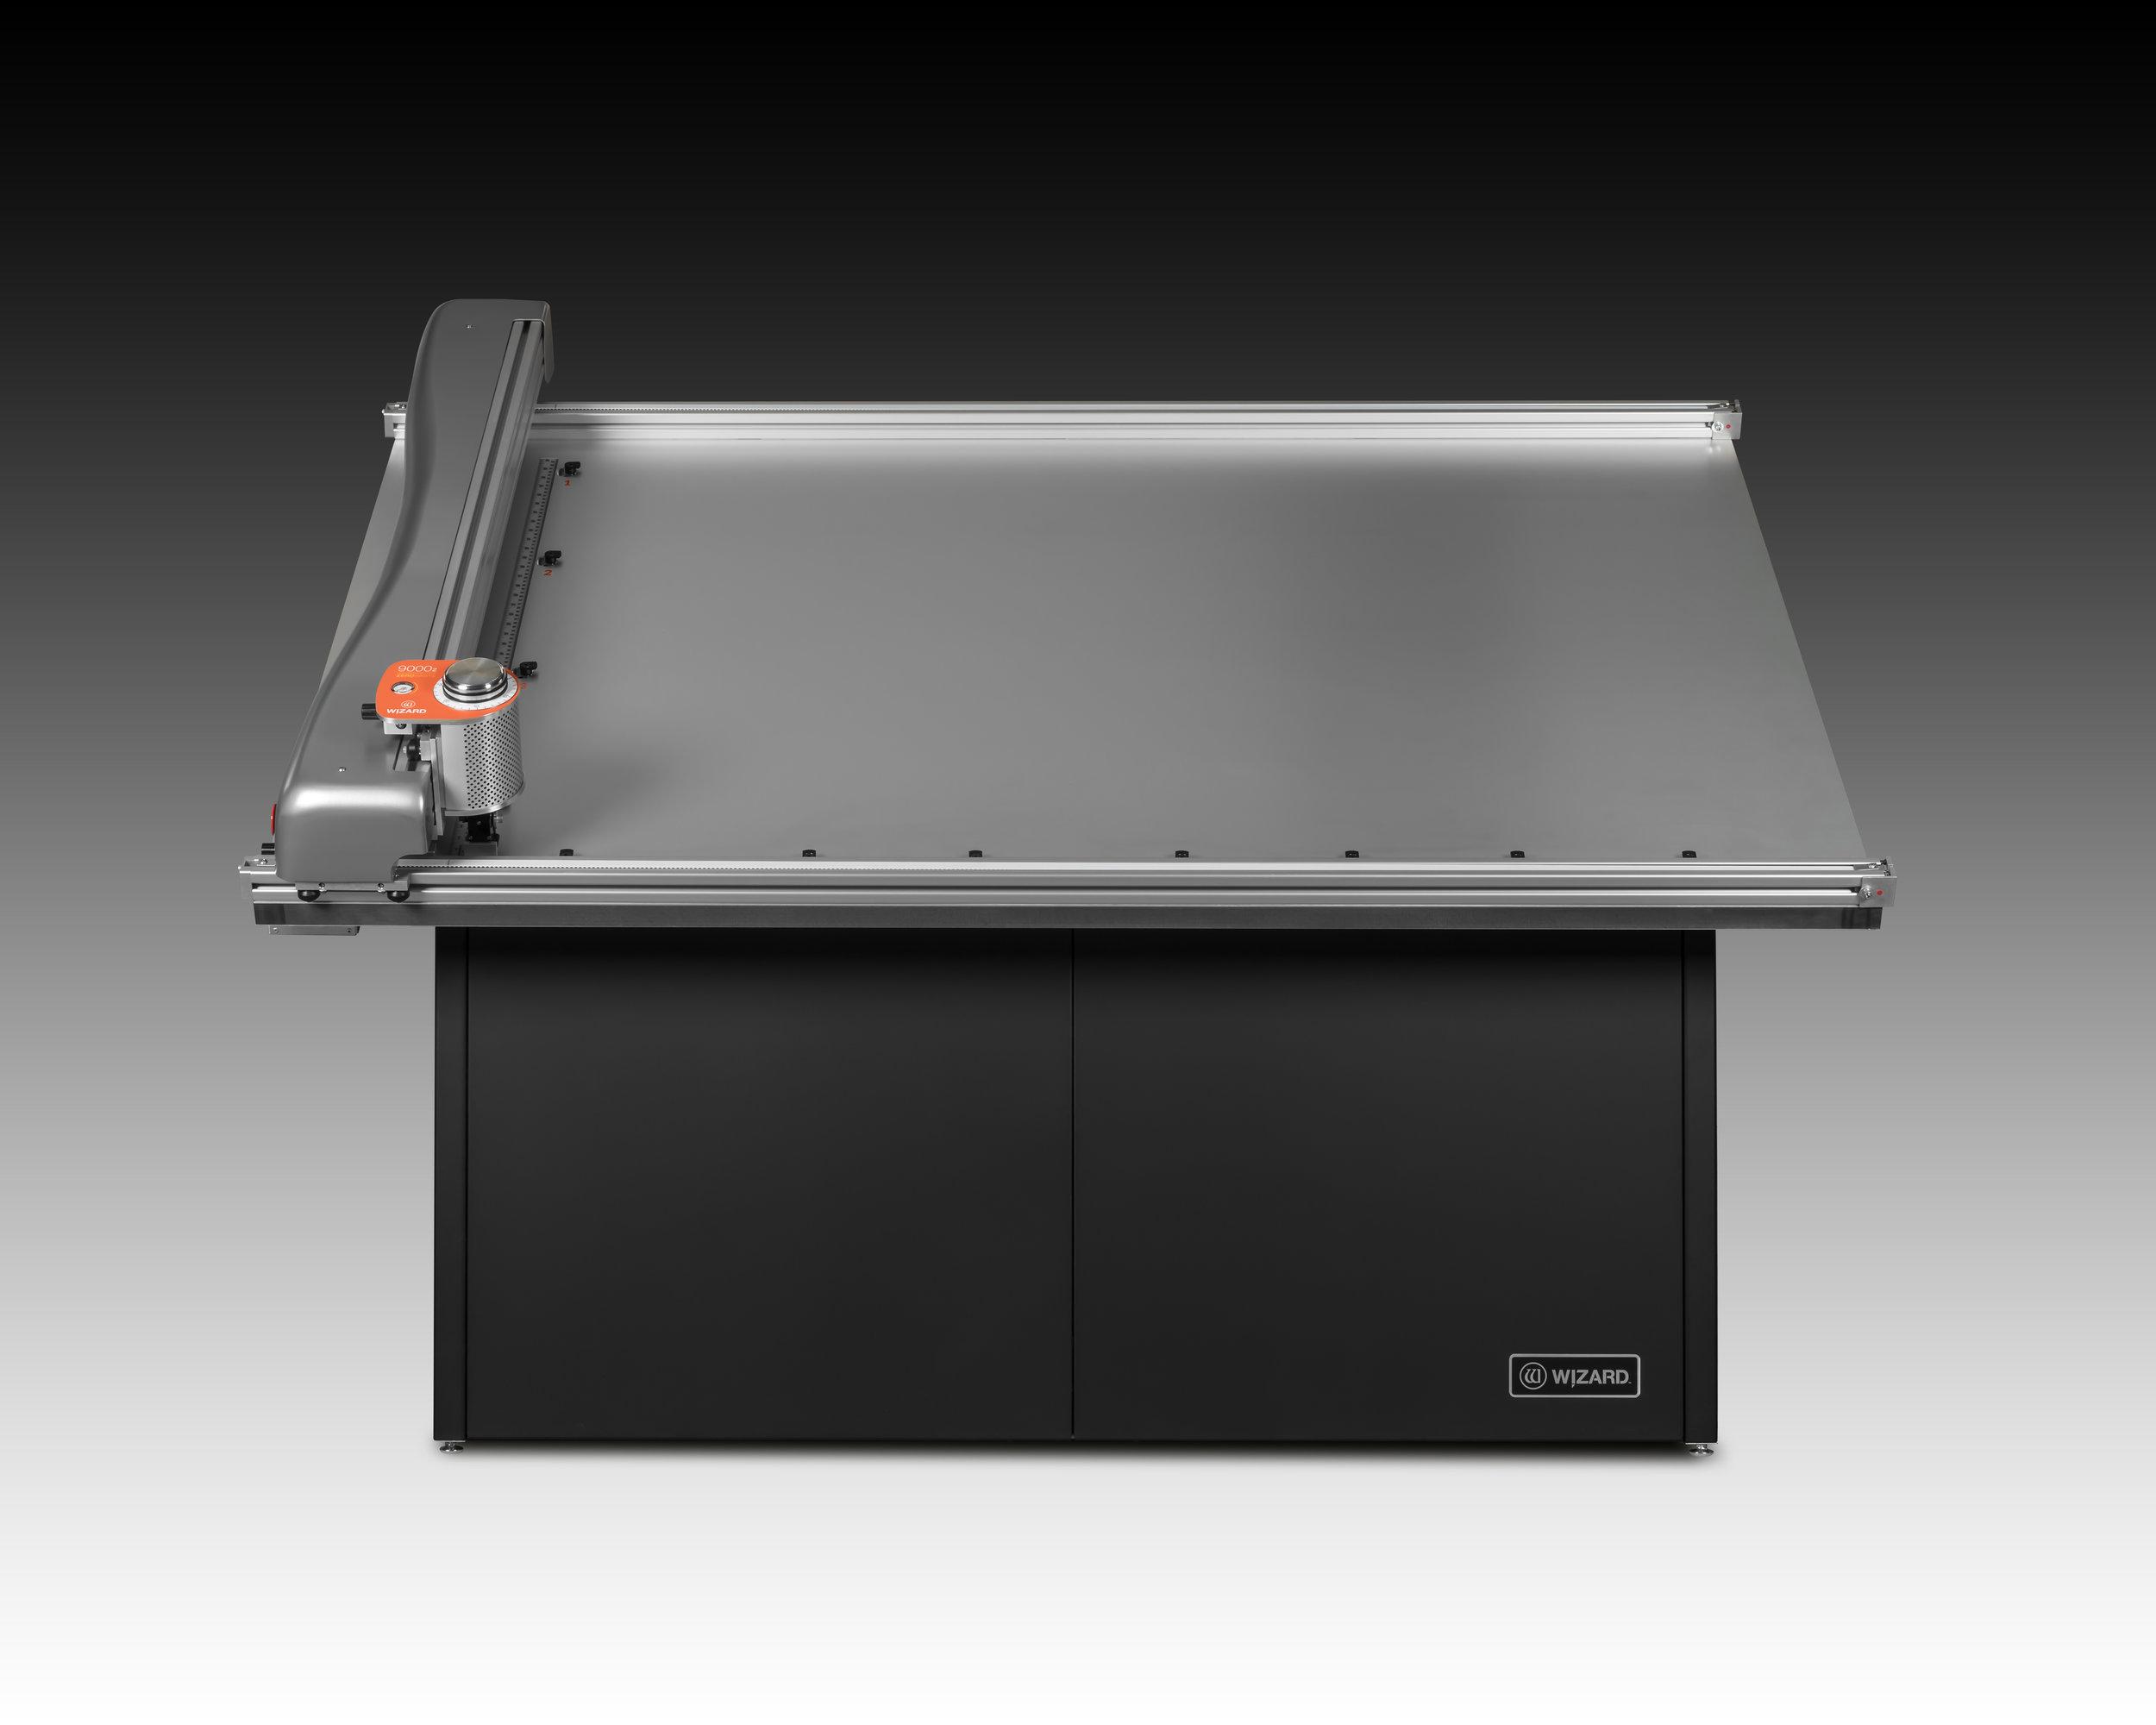 9000z-Front-Iso-Gradient.jpg